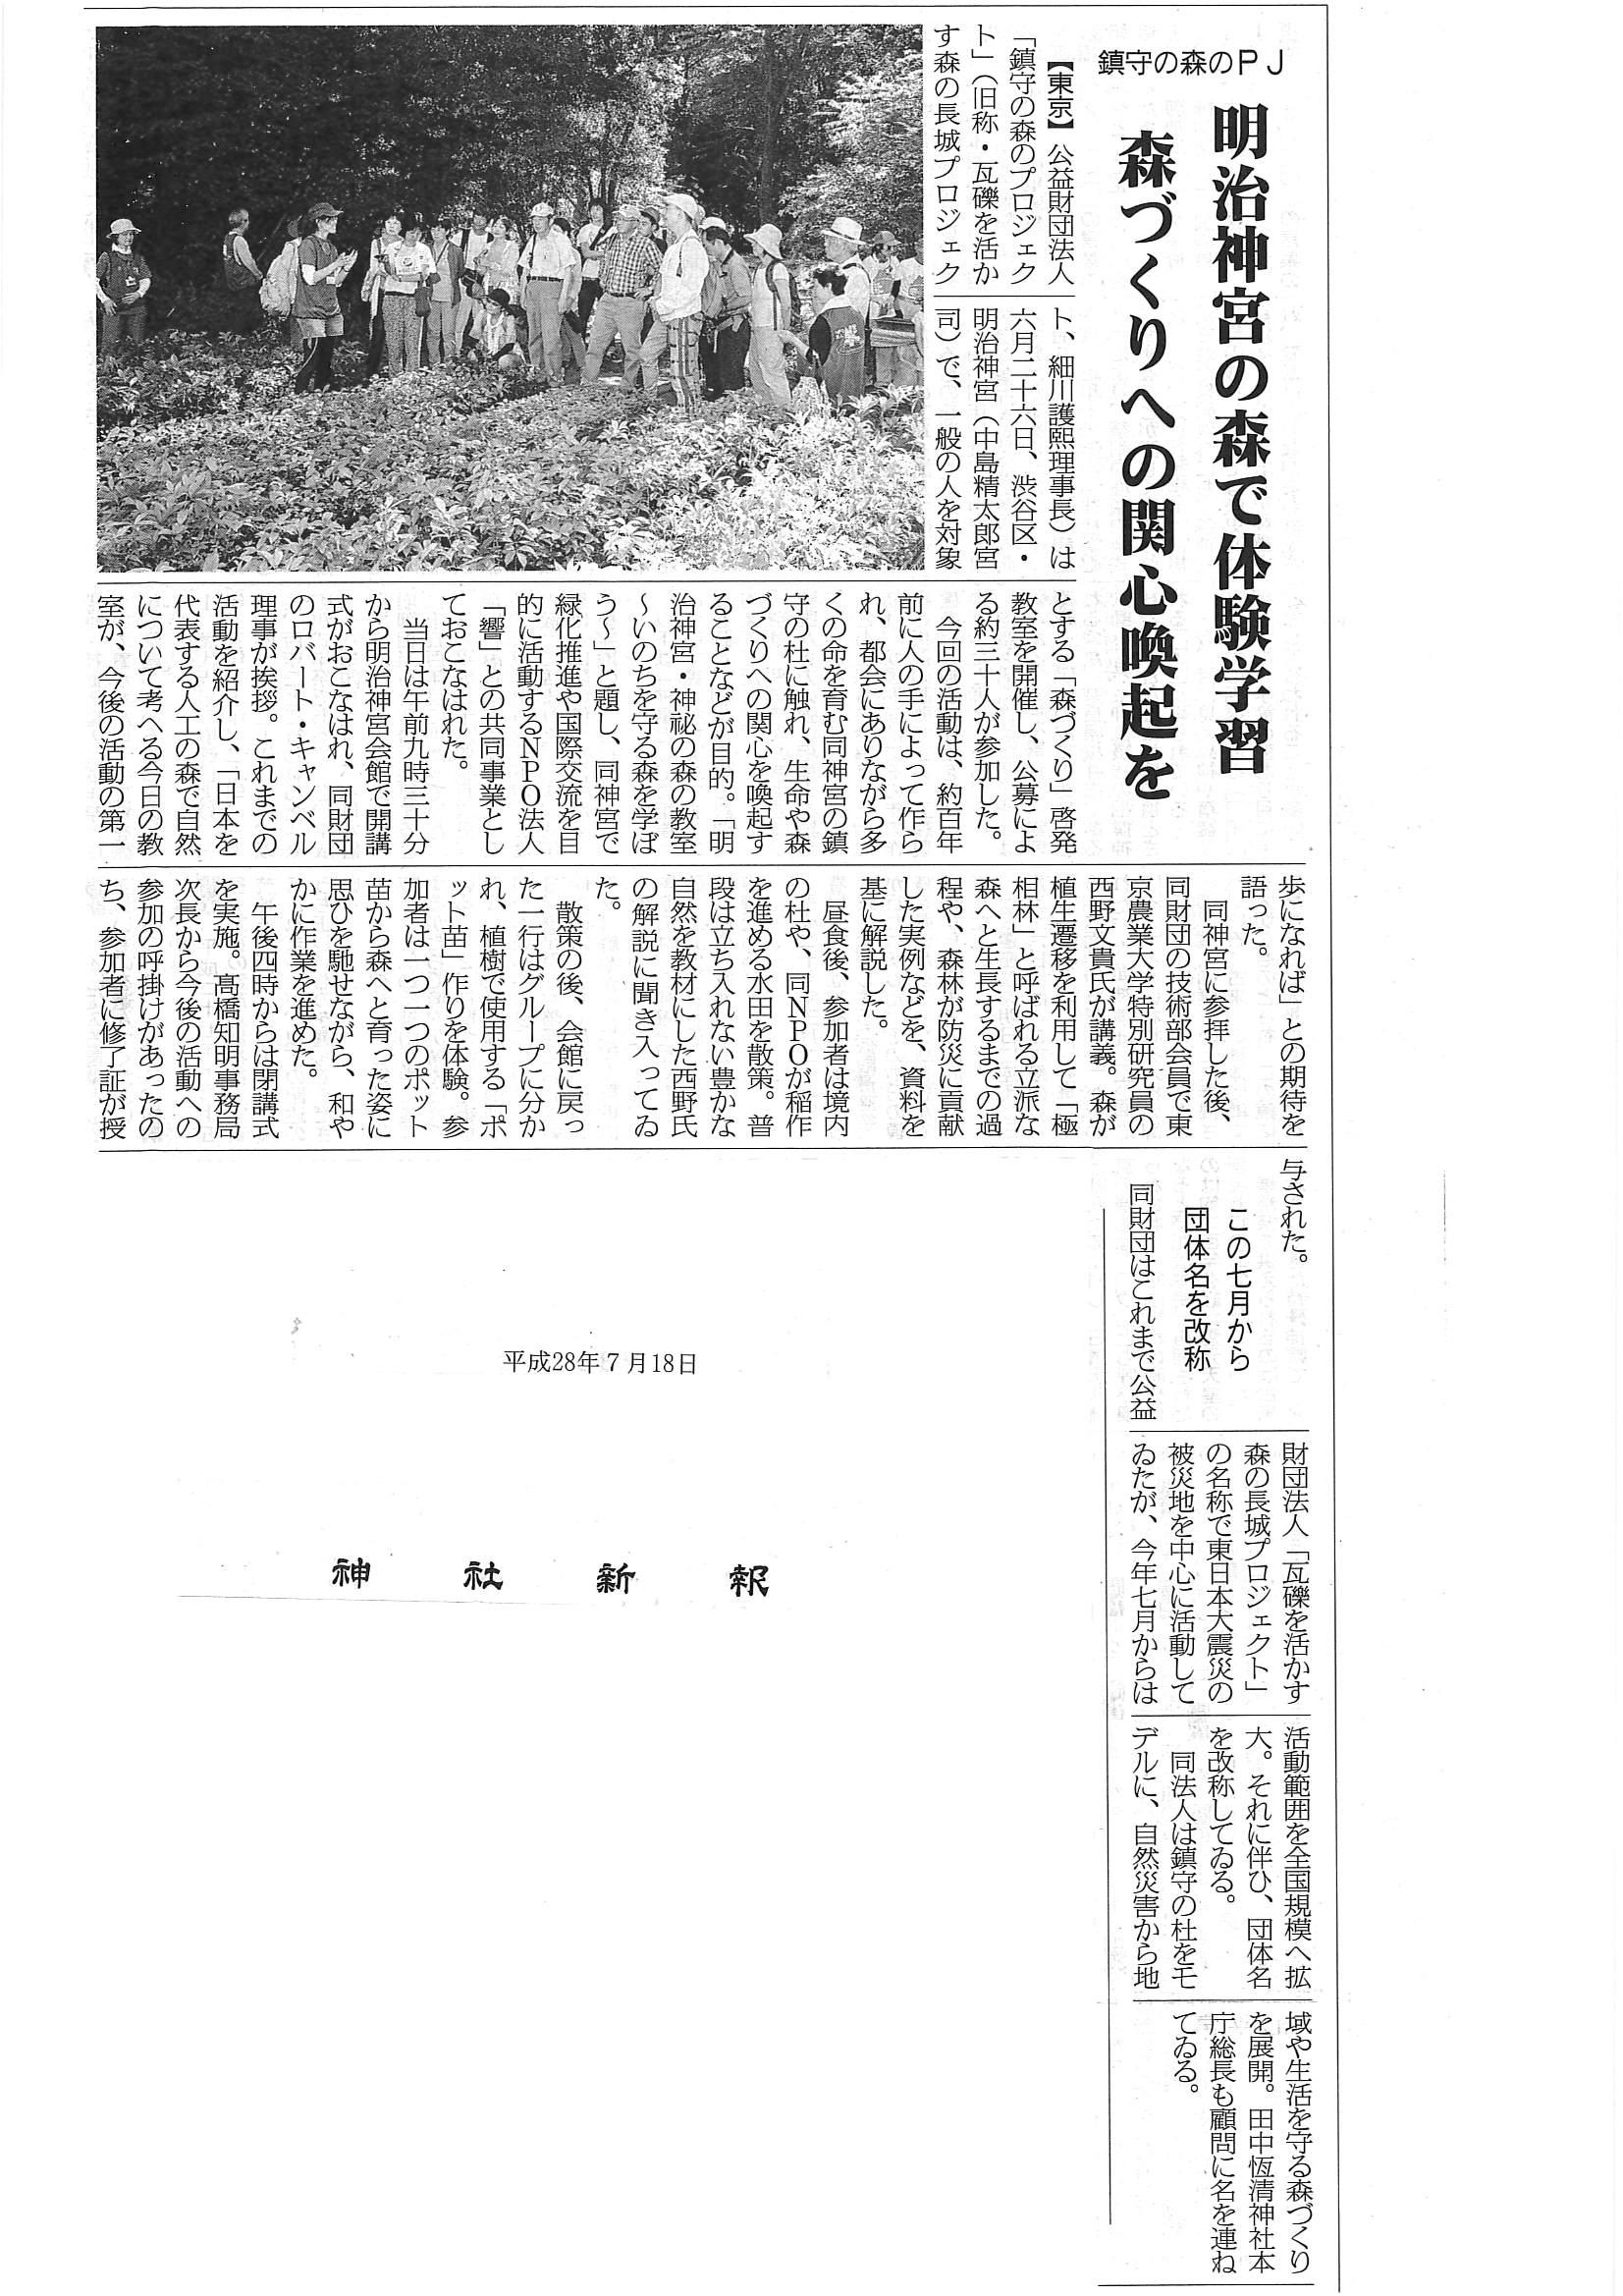 森の長城プロジェクト_20160804_123101_0001